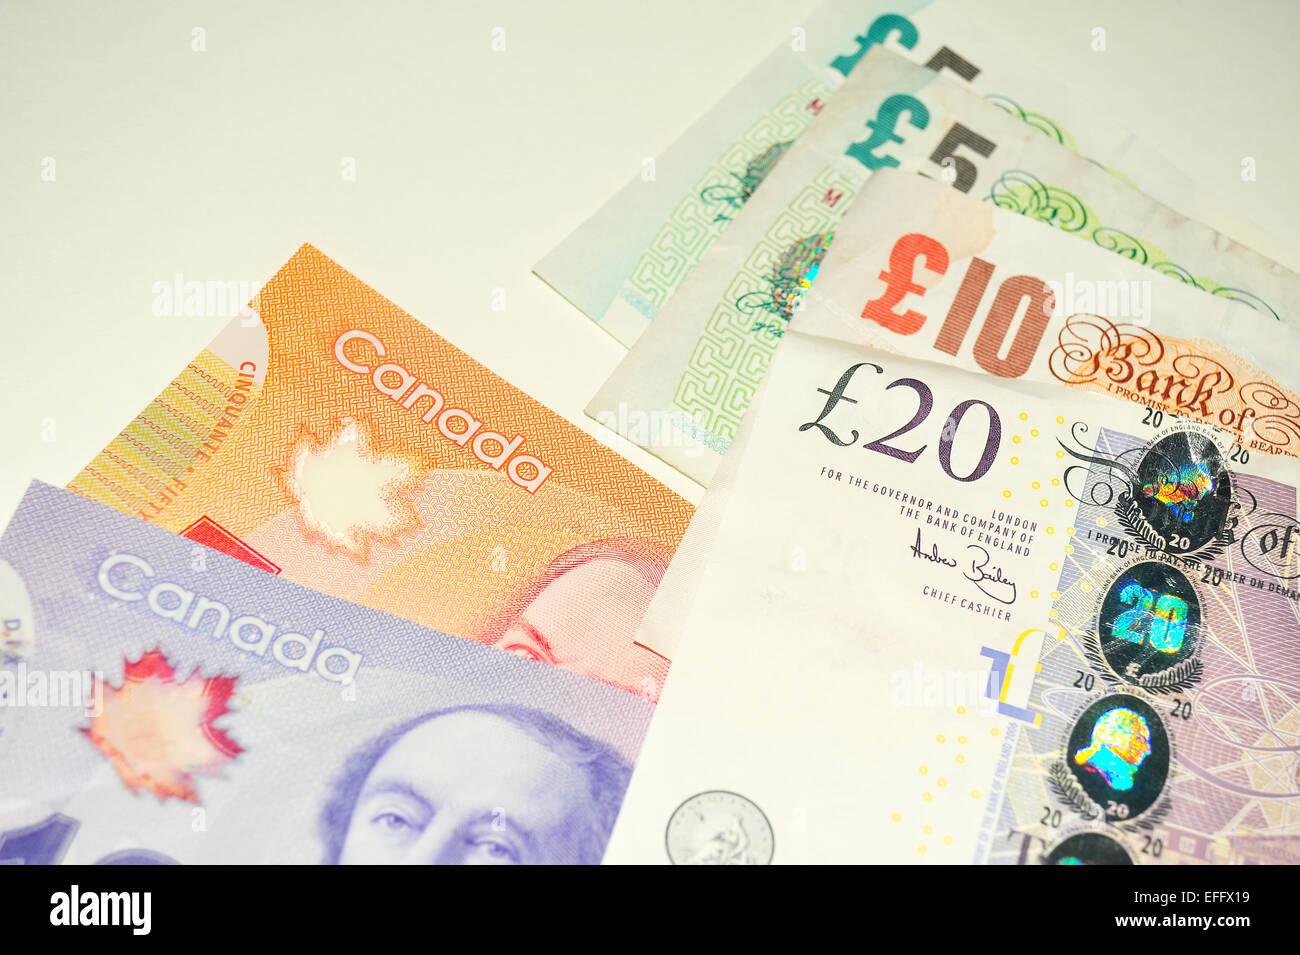 Britische Pfund (GBP) zu Kanadische Dollar (CAD) vor einem Jahr. Britischer Pfund waren ,69 Kanadische Dollar am 26 Dezember, , weil der GBP zu CAD Wechselkurs vor 1 Jahr war 1 GBP = 1, CAD.